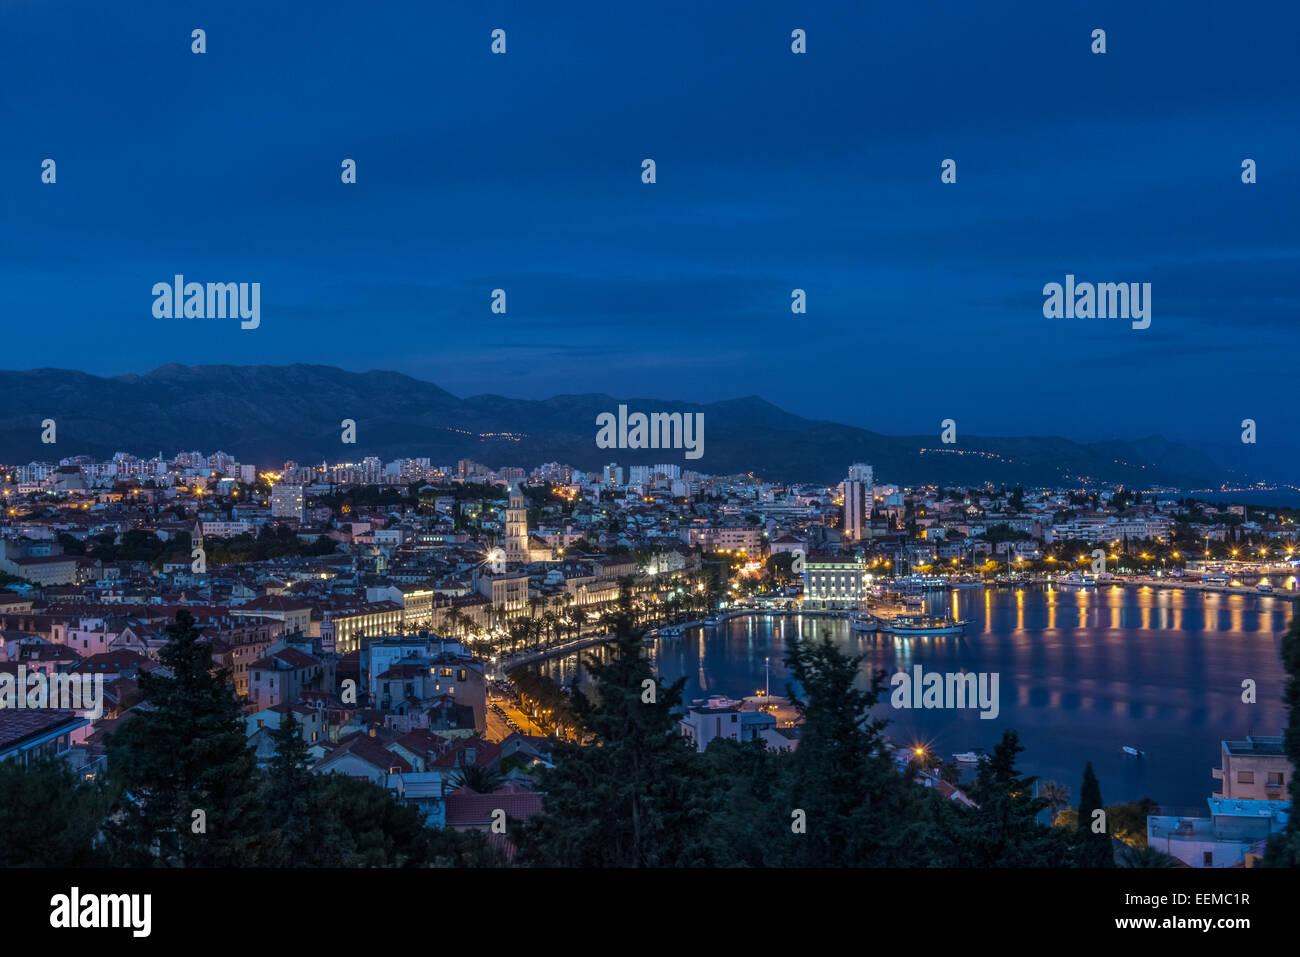 Vista aérea de la base iluminada y el paisaje urbano de la ciudad costera, Split, Split, Croacia Foto de stock